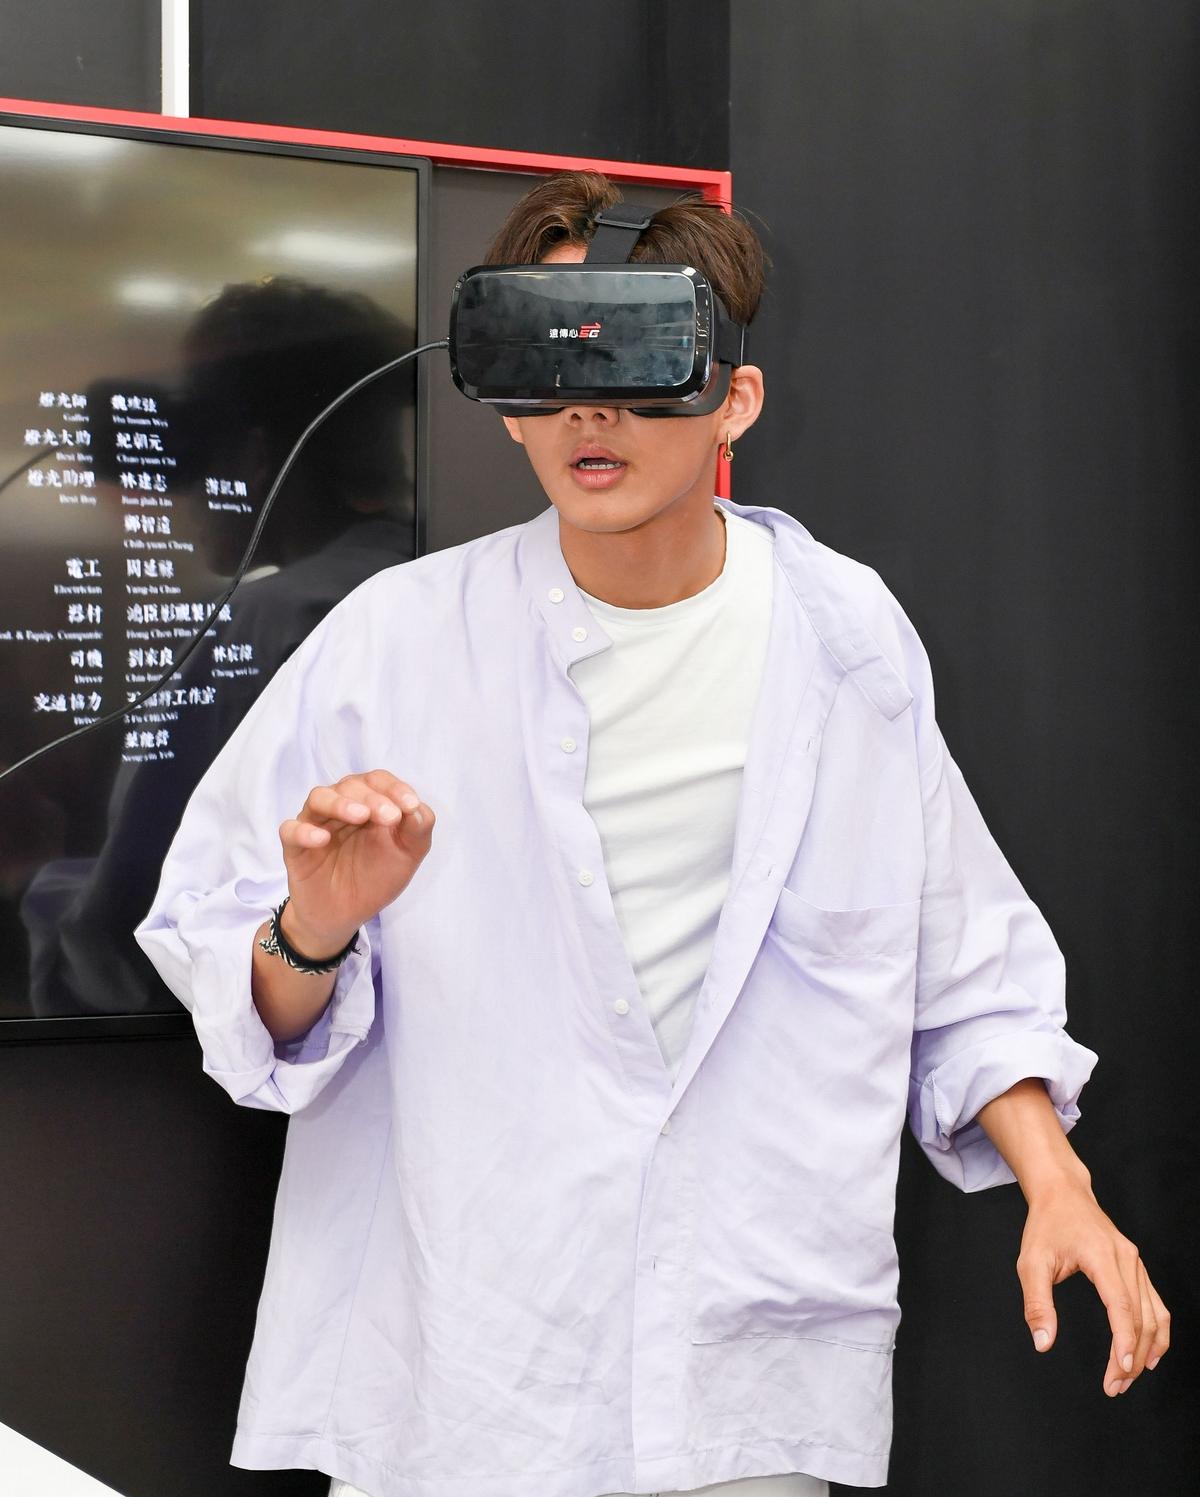 吳念軒體驗《紅衣小女孩》VR版! 憶撞鬼經驗「無臉長髮女床邊一直繞」